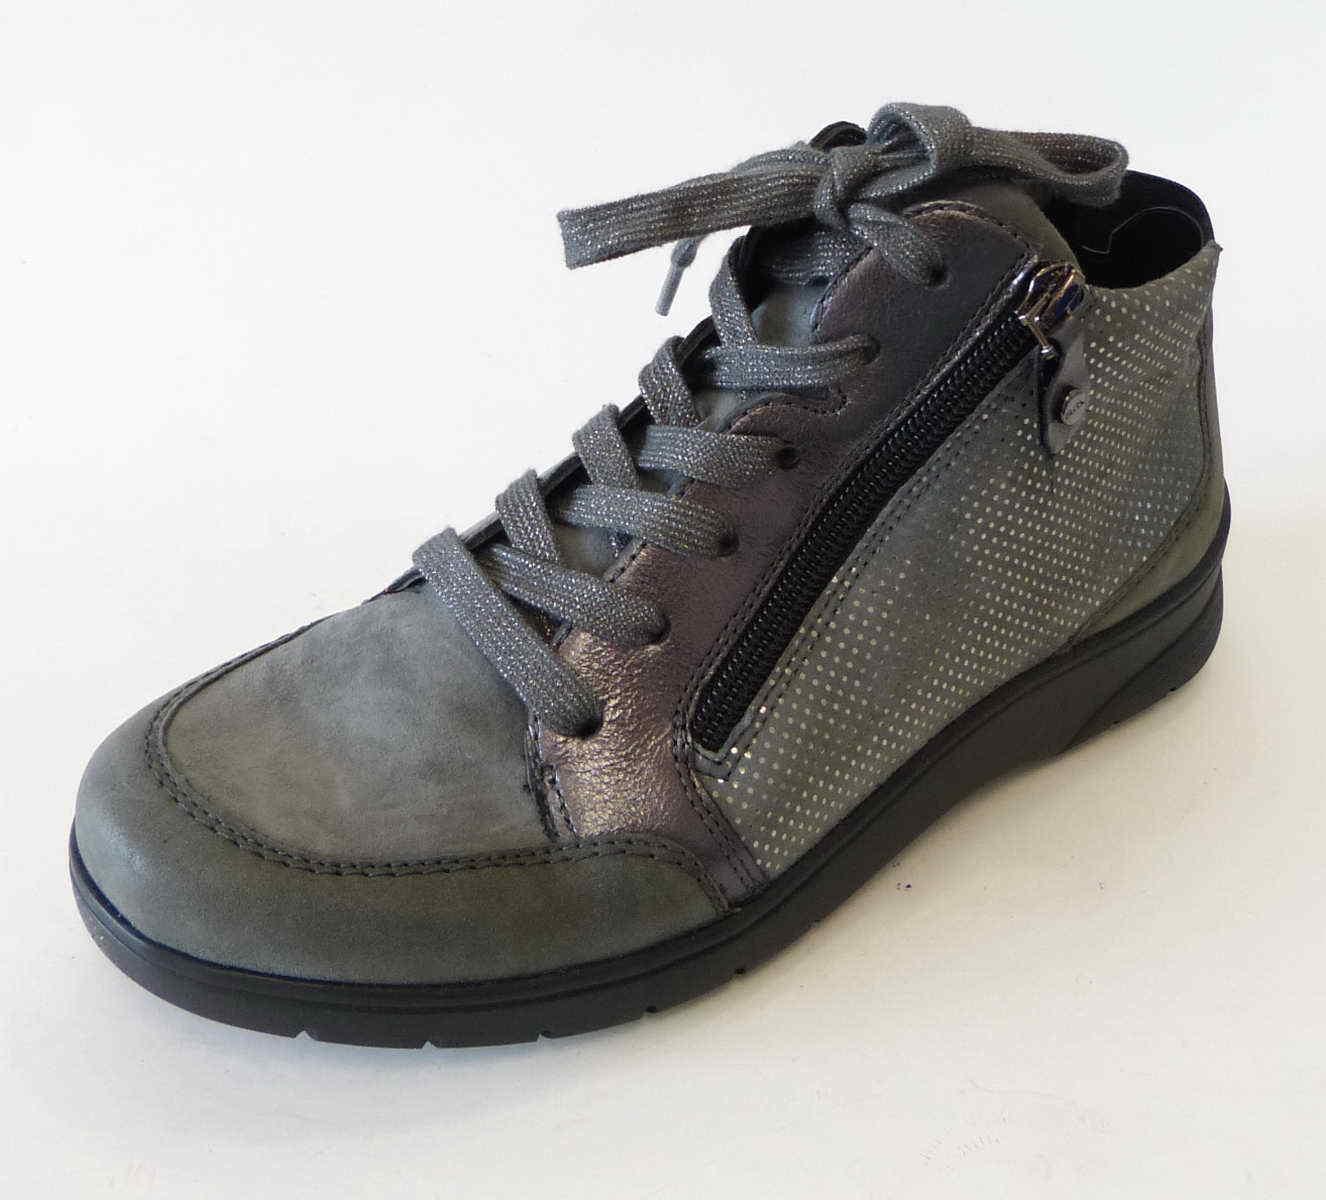 Ara cortos High Merano gris titanio cuero nobuck vastas h diseñada 41048 63